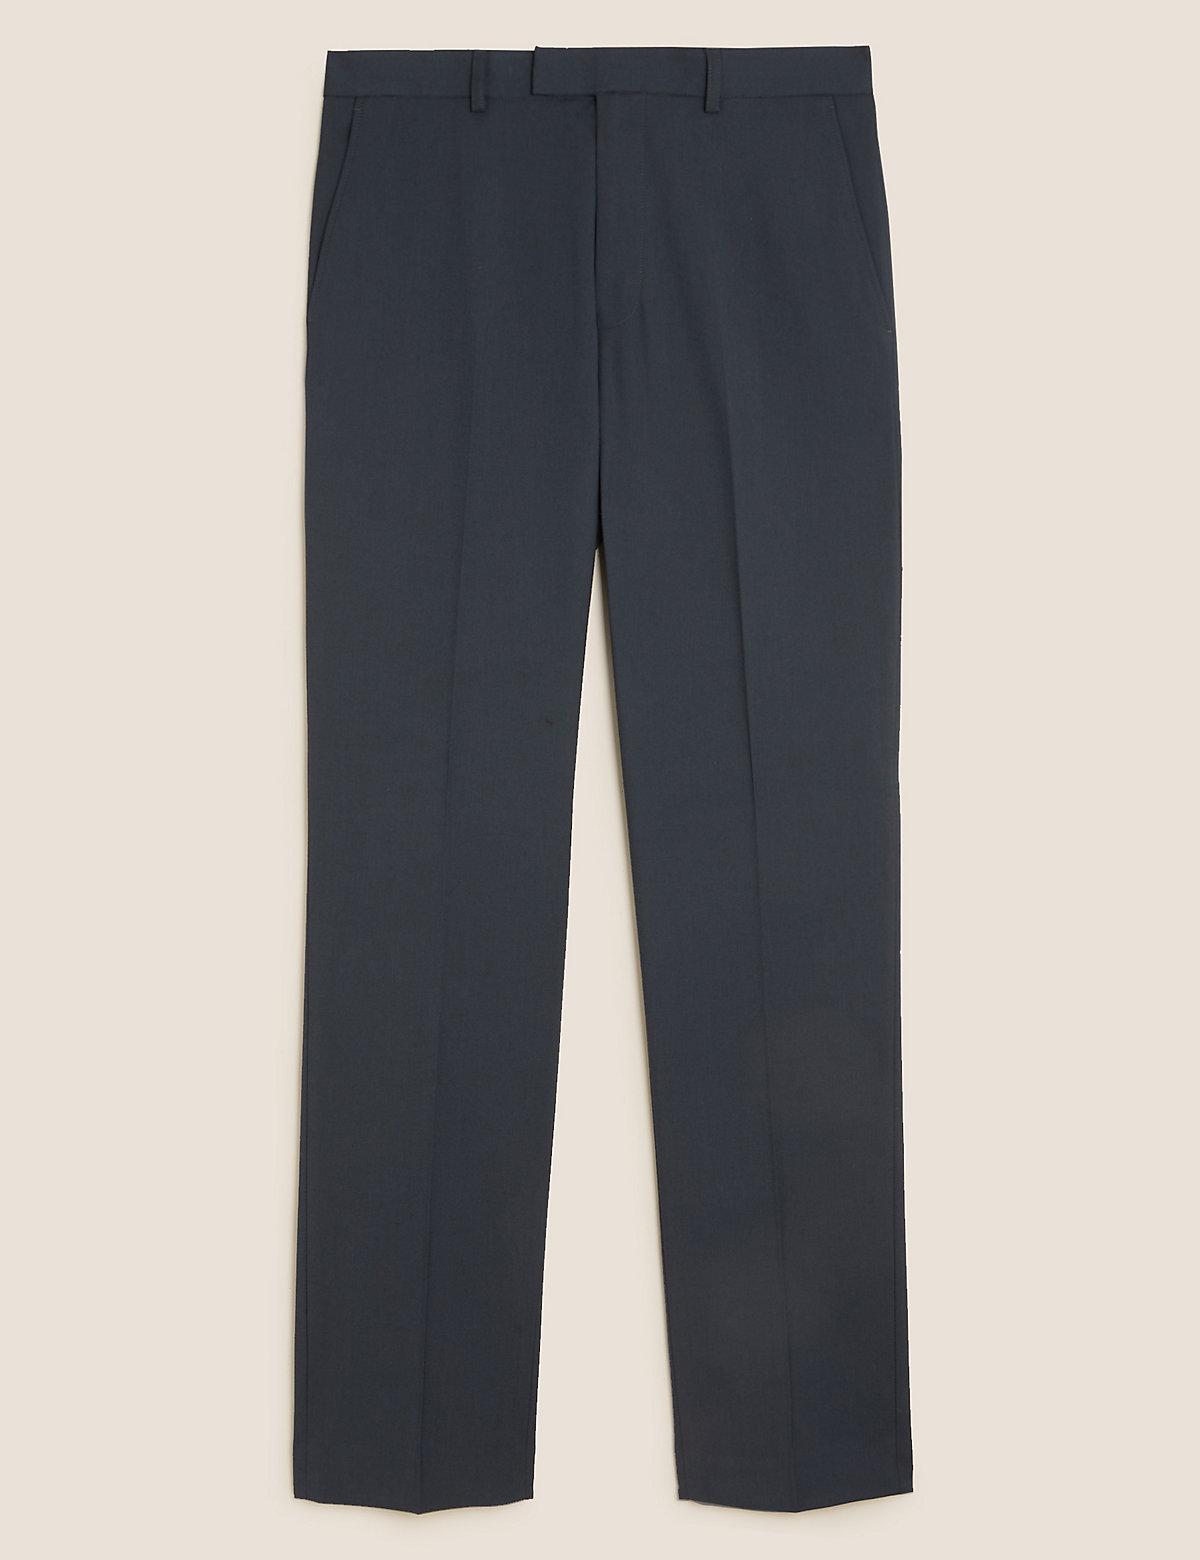 Узкие мужские брюки с добавлением эластана